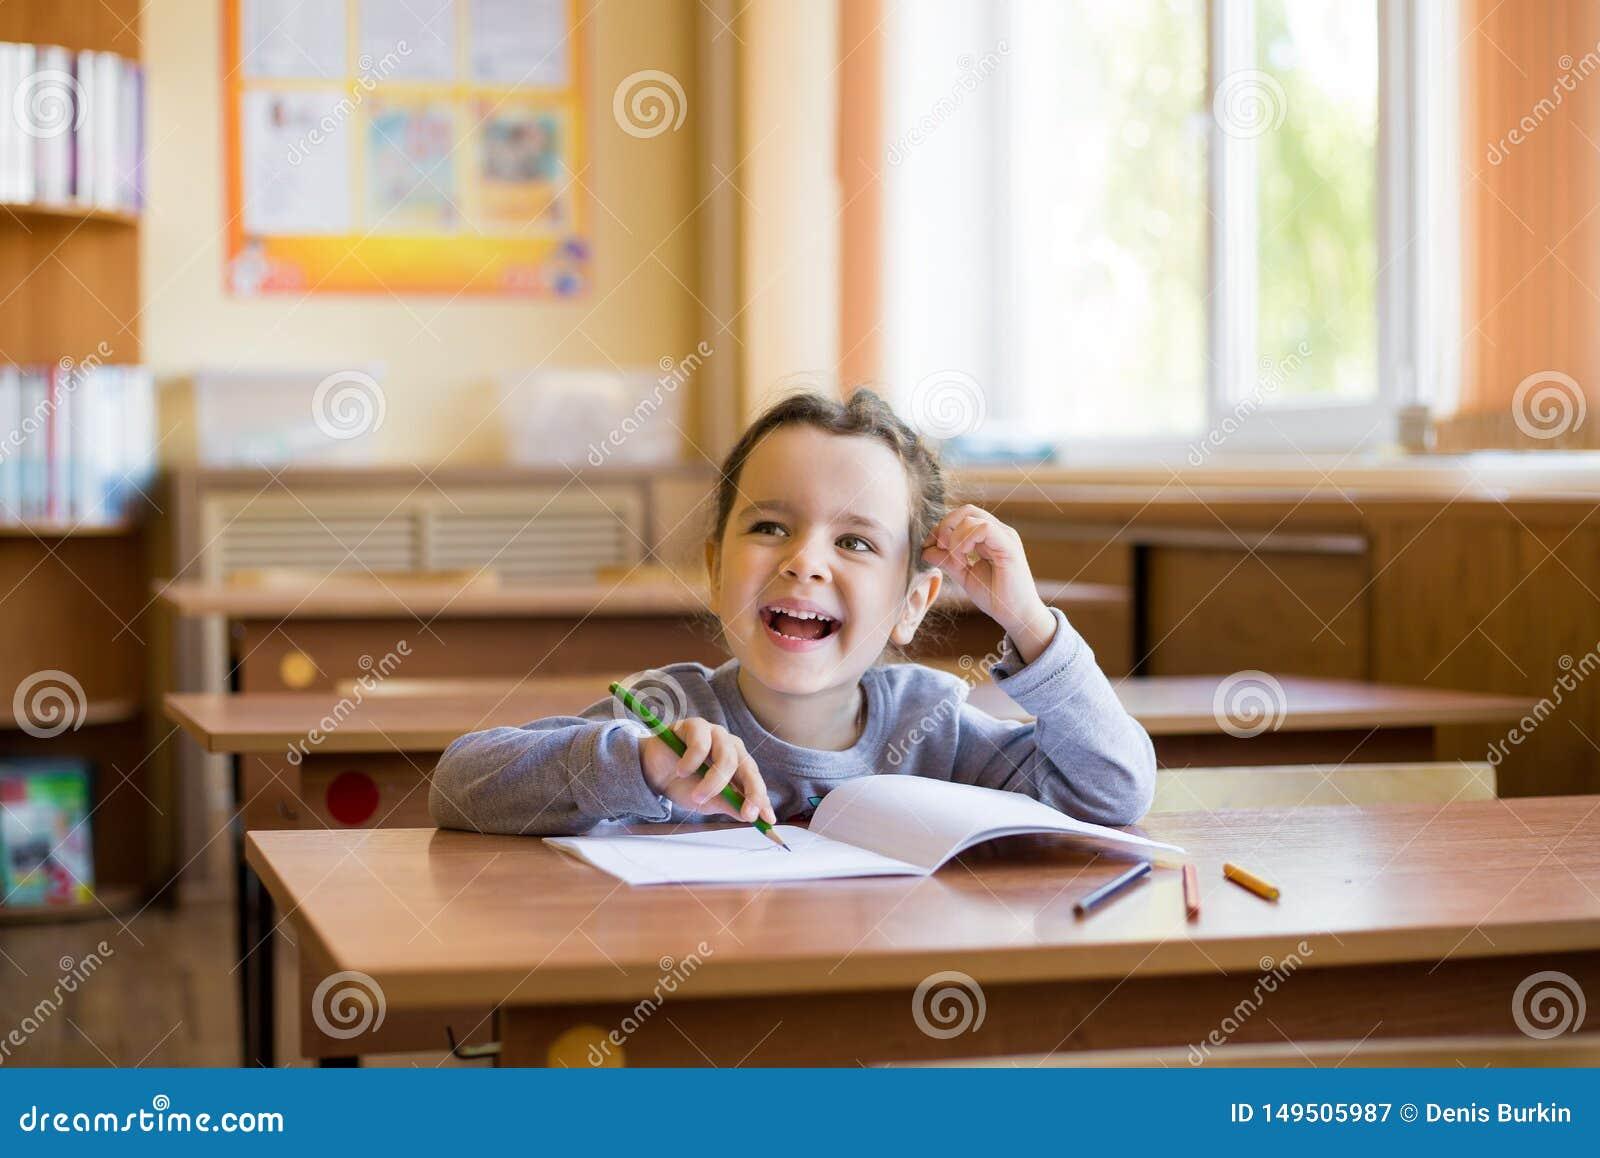 Kaukaski ma?y u?miechni?ty dziewczyny obsiadanie przy biurkiem w klasowym pokoju i zaczyna ostro?nie rysowa? w czystym notatniku